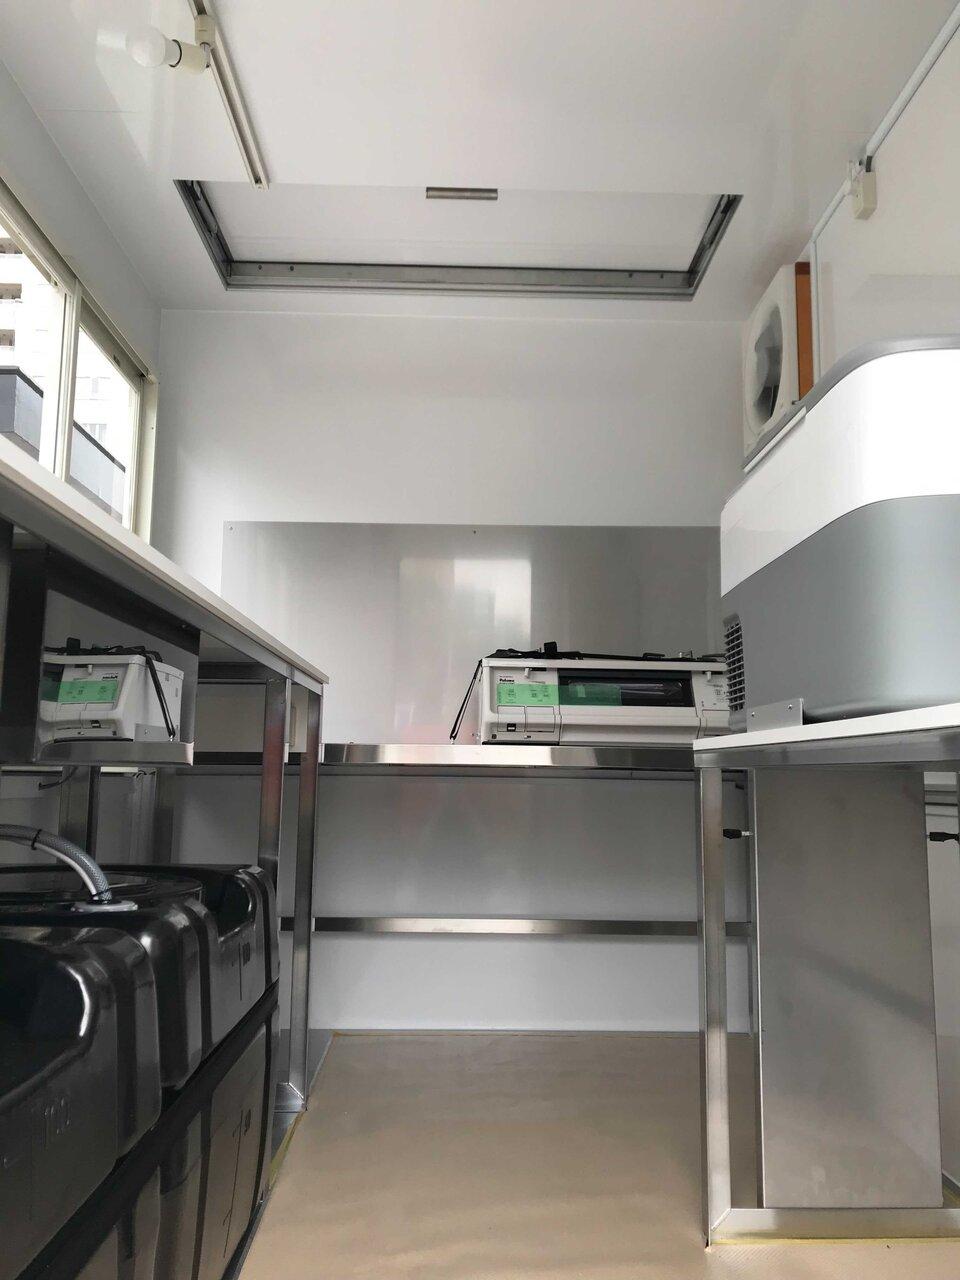 キッチンカー(フードトラック)の内装